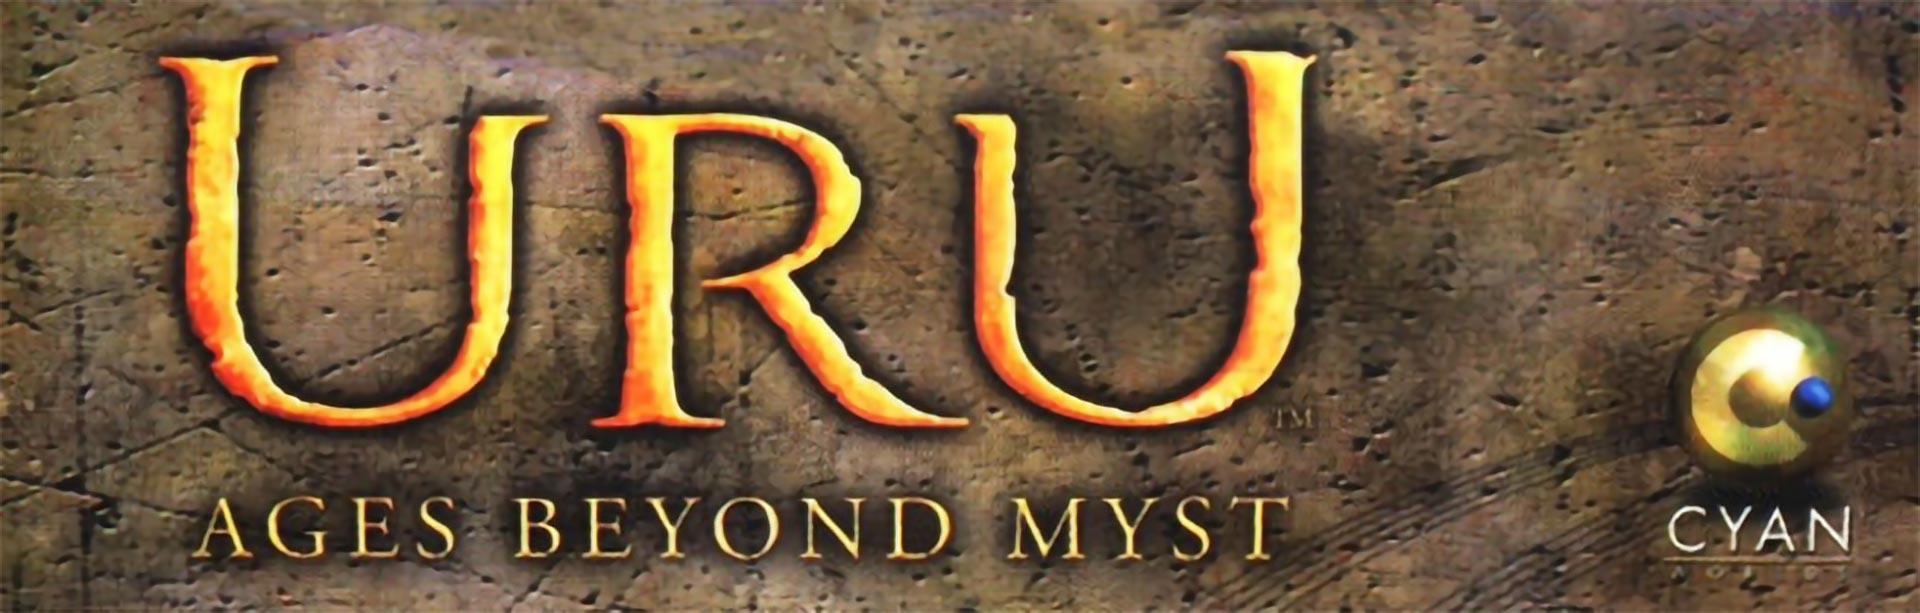 Uru Ages Beyond Myst logo, by Cyan Studios.